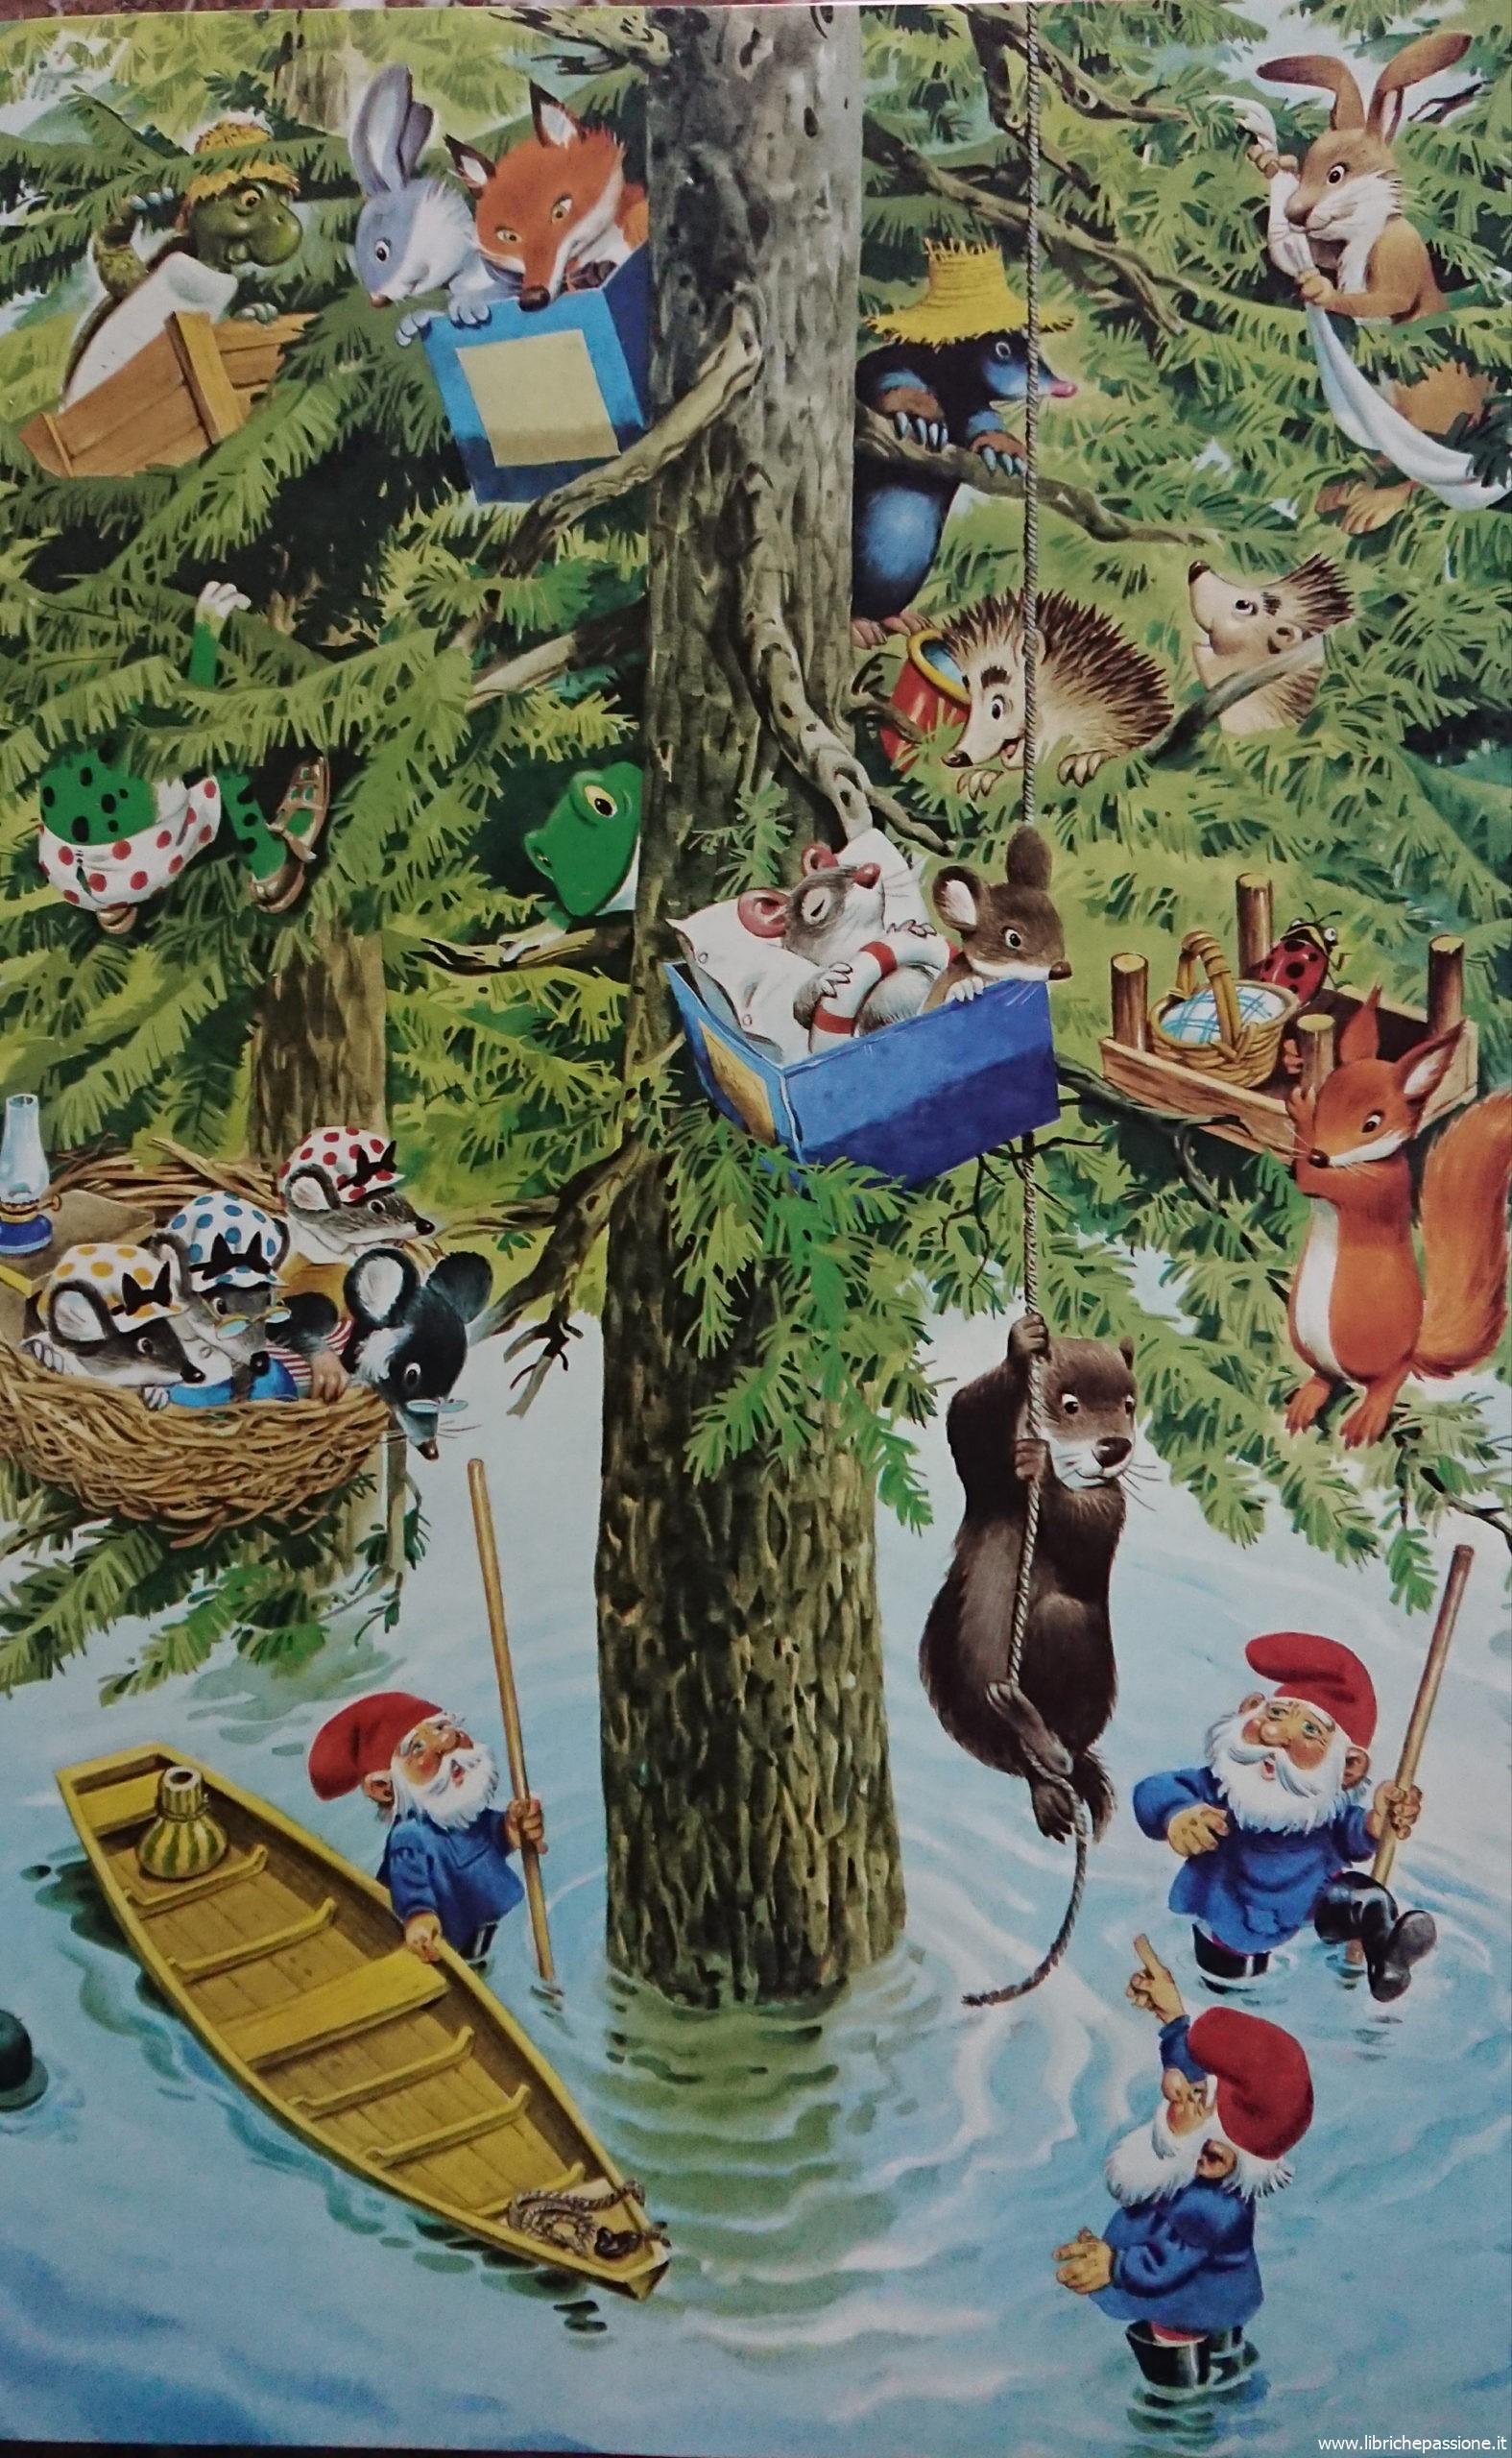 """""""Vi racconto una storia"""" GNOMI testi di Peter Holeinone e illustrazioni di Tony Wolf edito da Dami editore."""